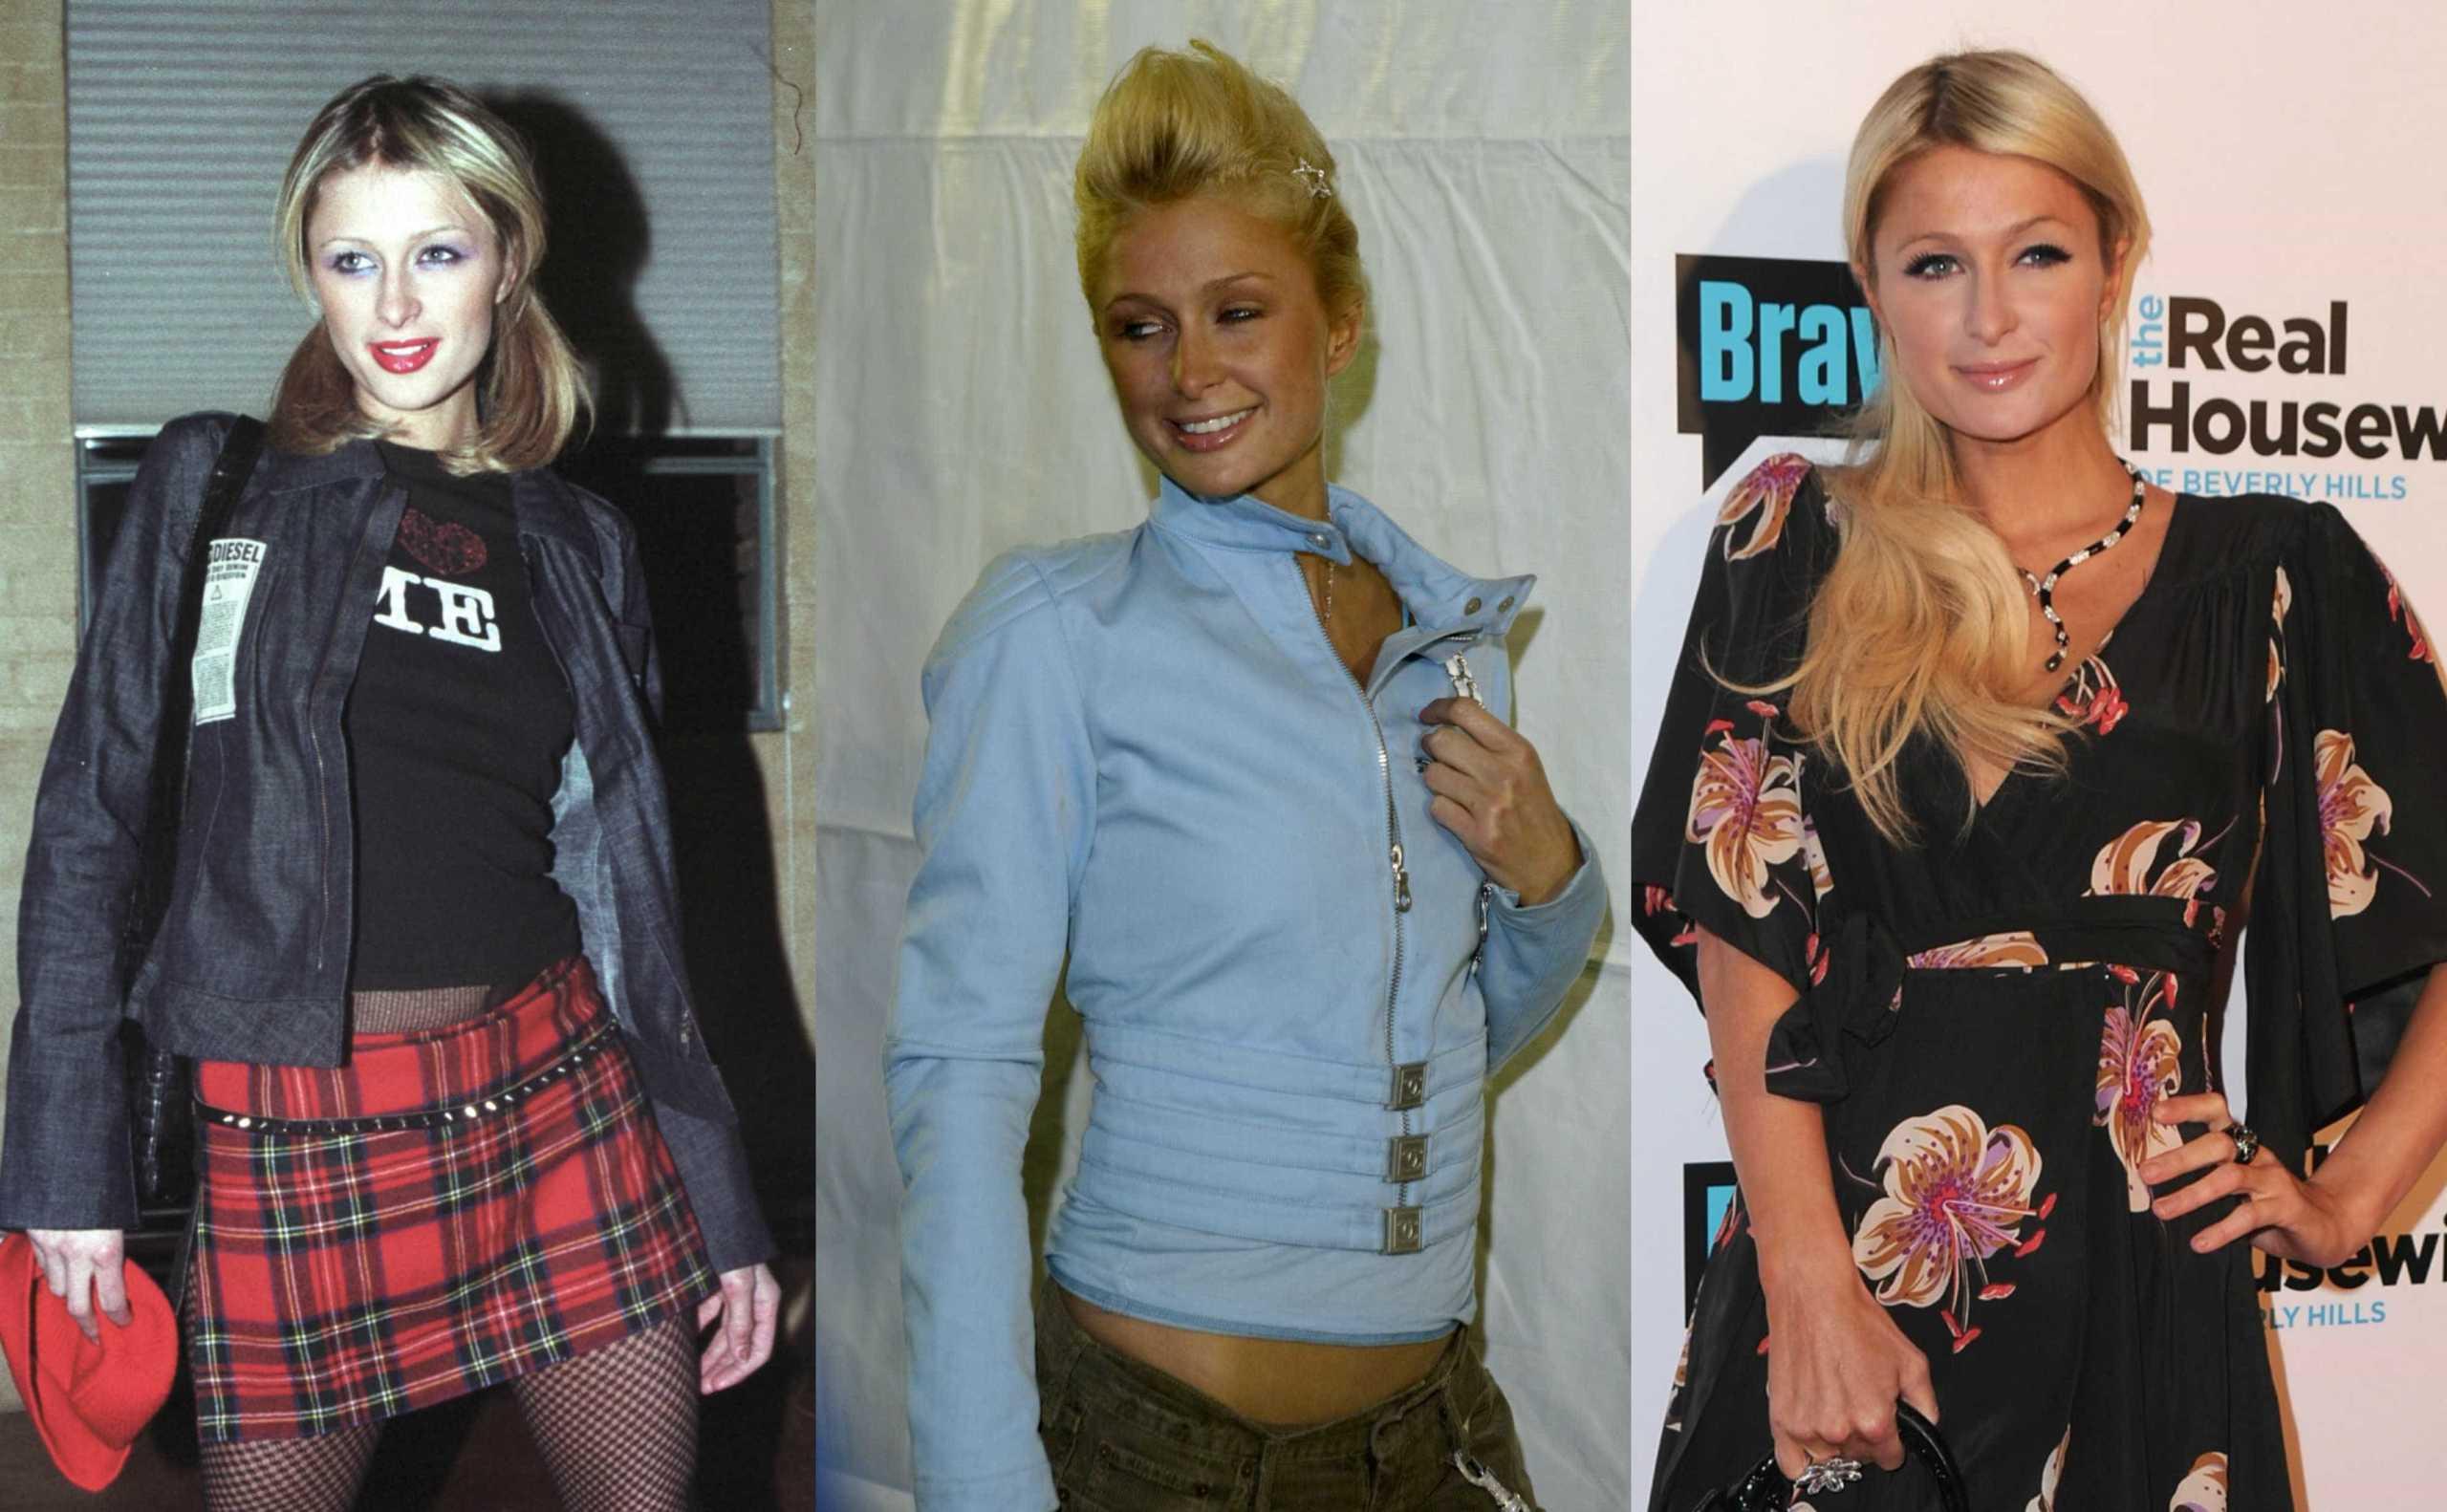 Moda: A evolução do estilo de Paris Hilton